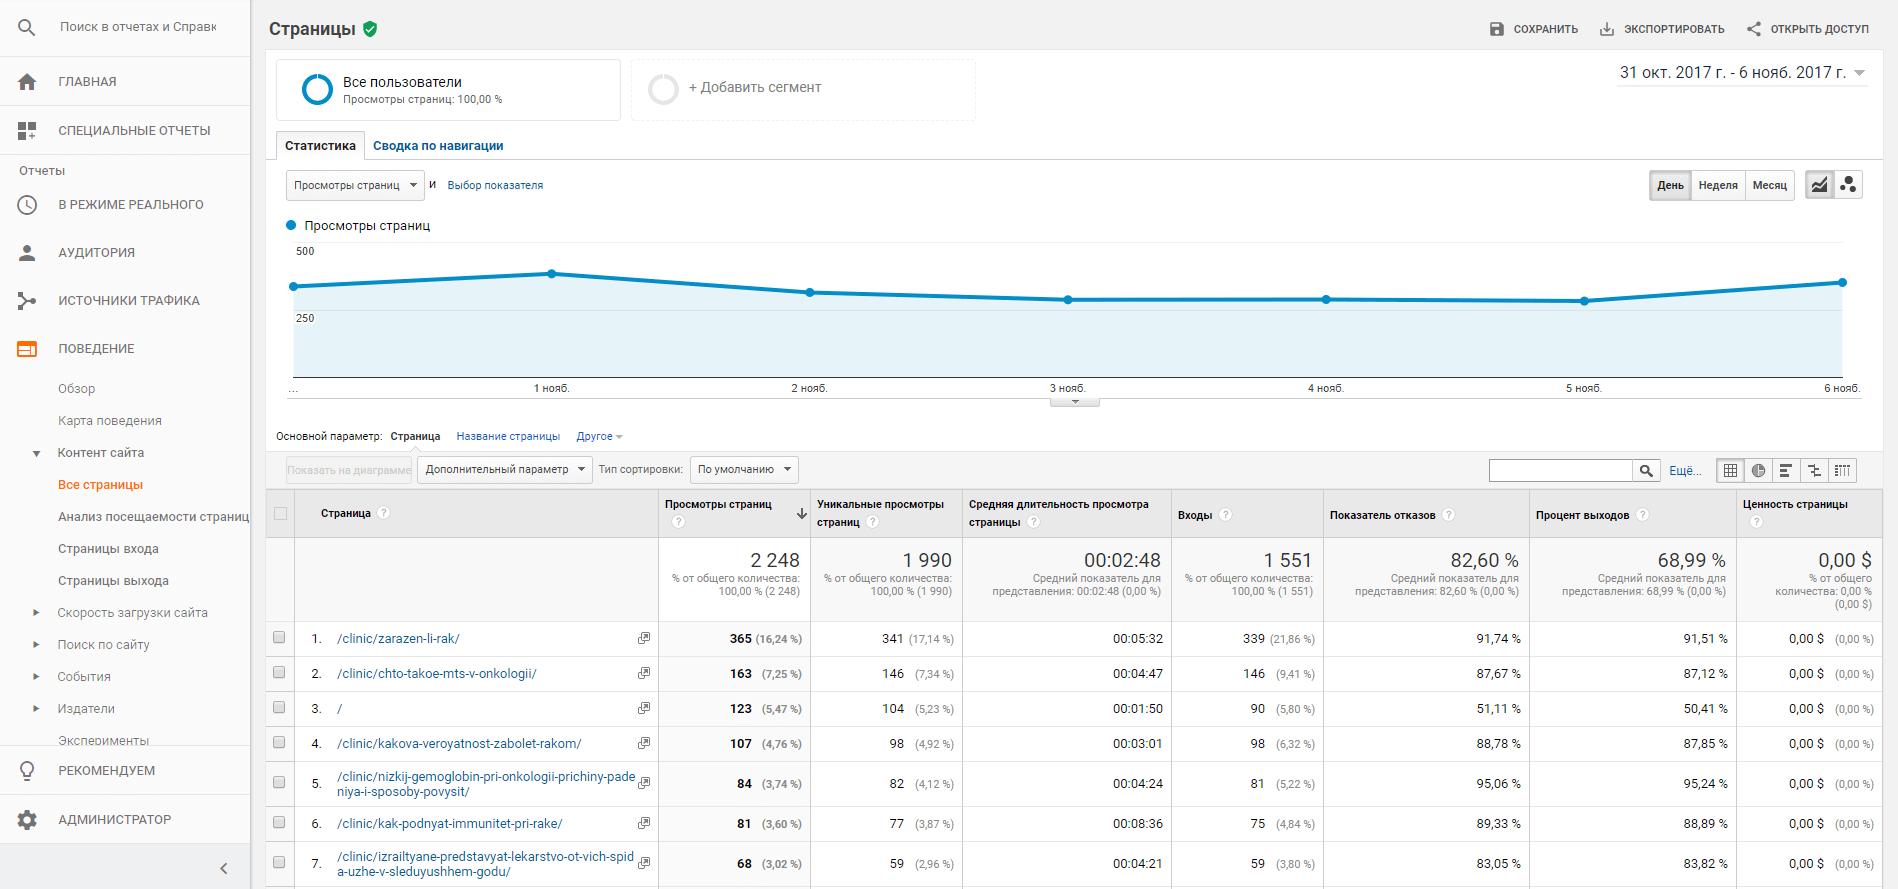 Здесь должно быть изображение для статьи - Понимание области данных в отчетах Google Analytics